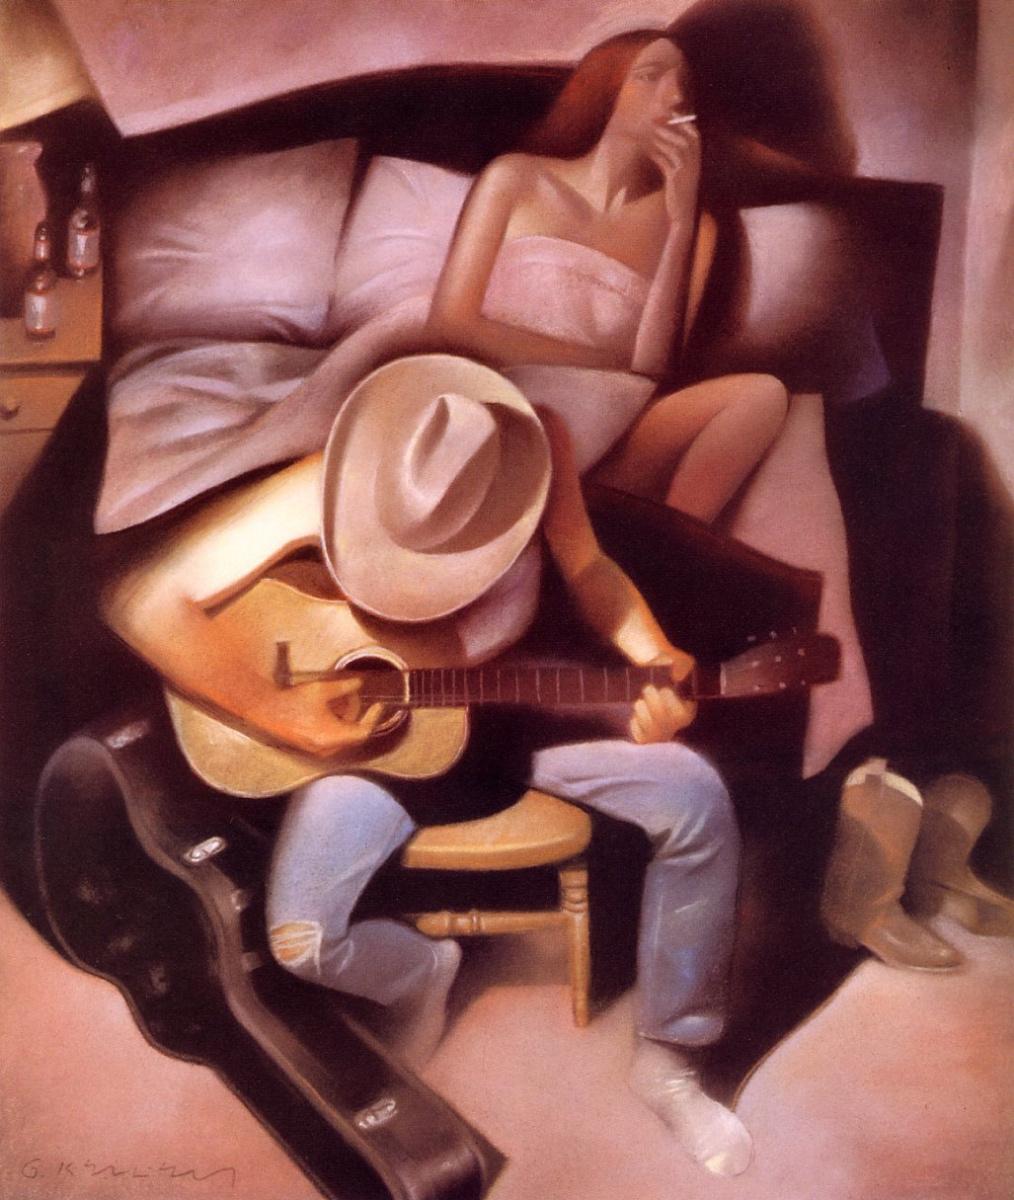 Гари Келли. Девушка в кровати и парень с гитарой